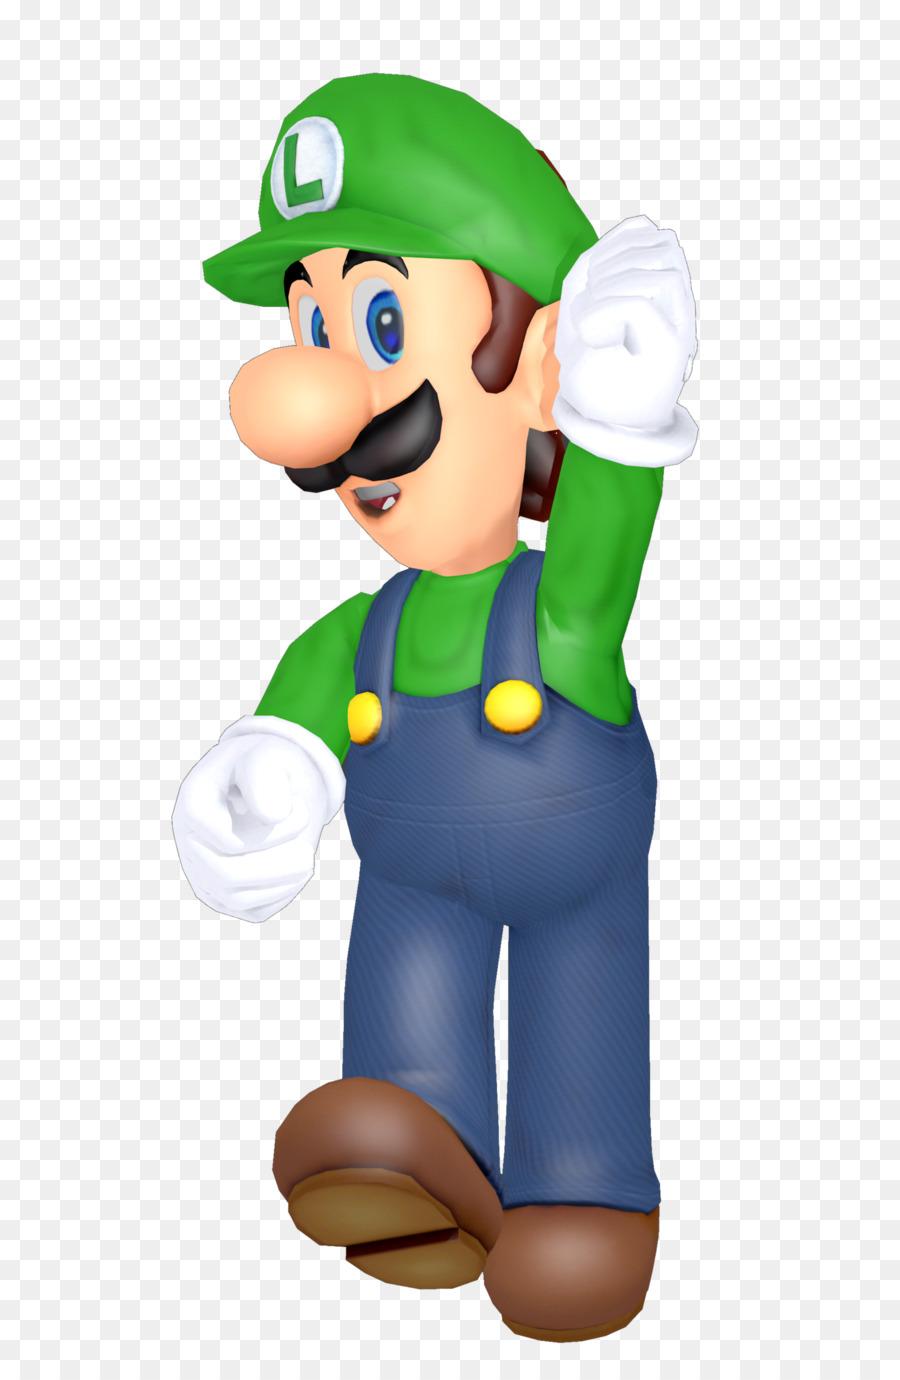 Luigi Super Mario 64 Super Mario Odisea Imagen Png